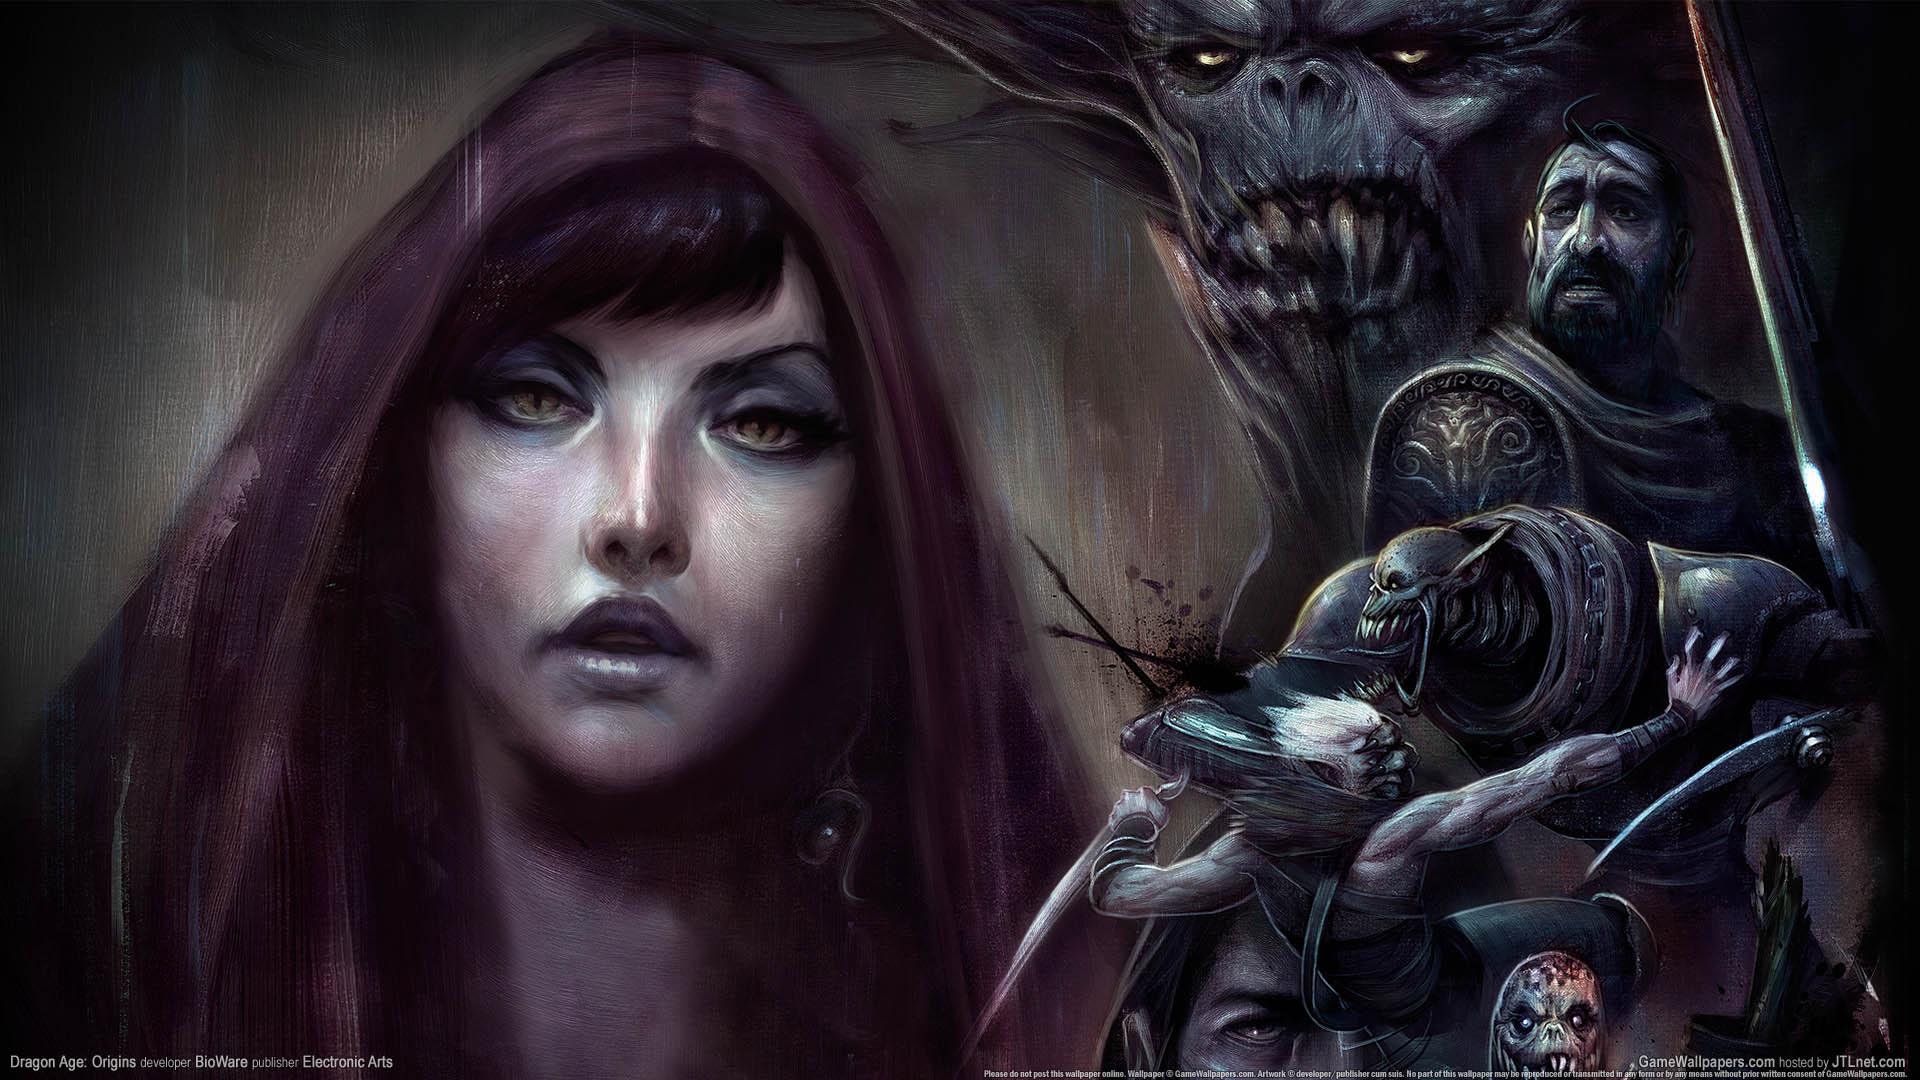 Dragon Age: Origins achtergrond 01 1920x1080